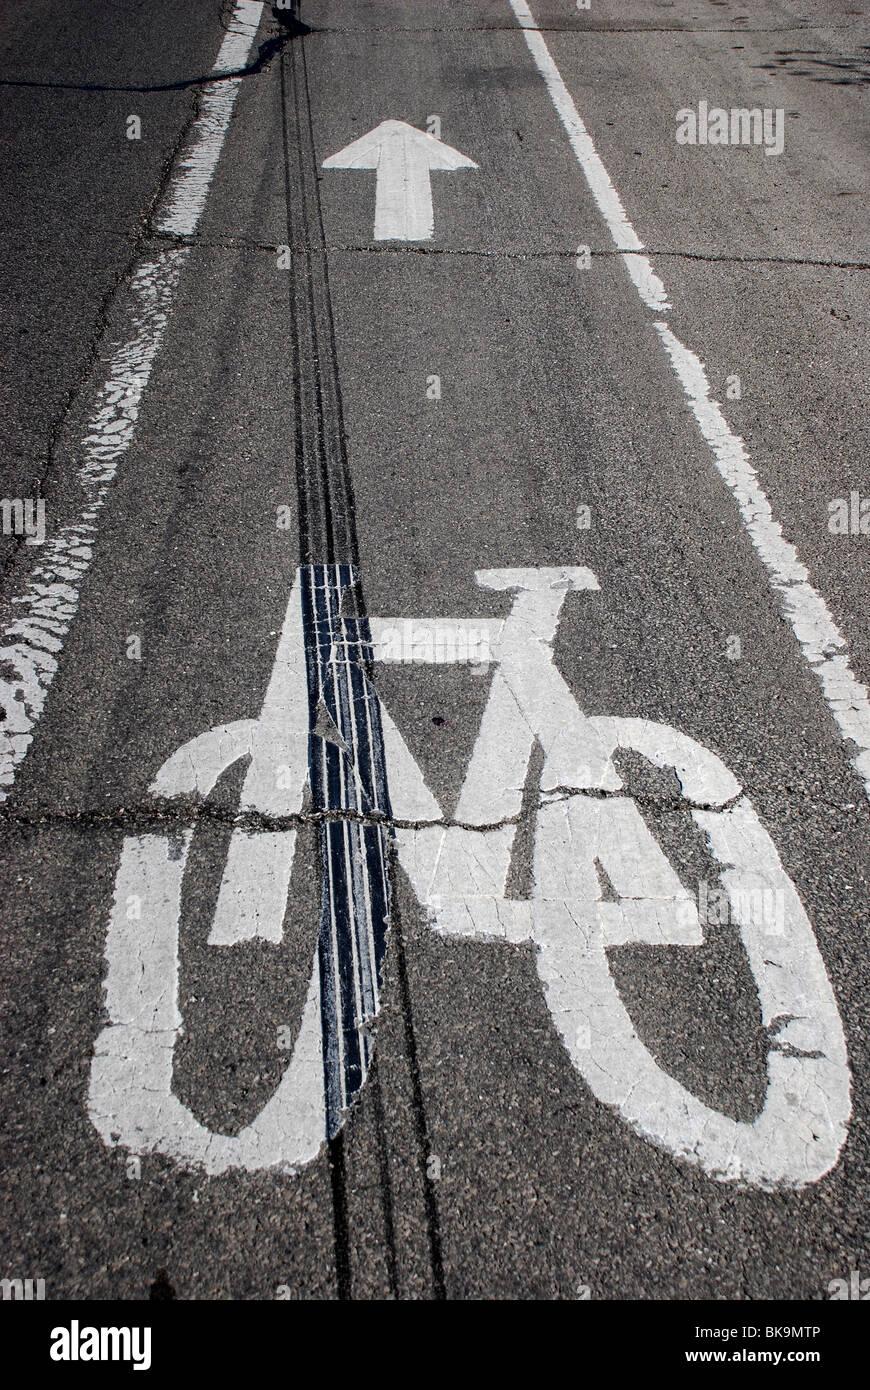 Ciclopista Imagen De Stock